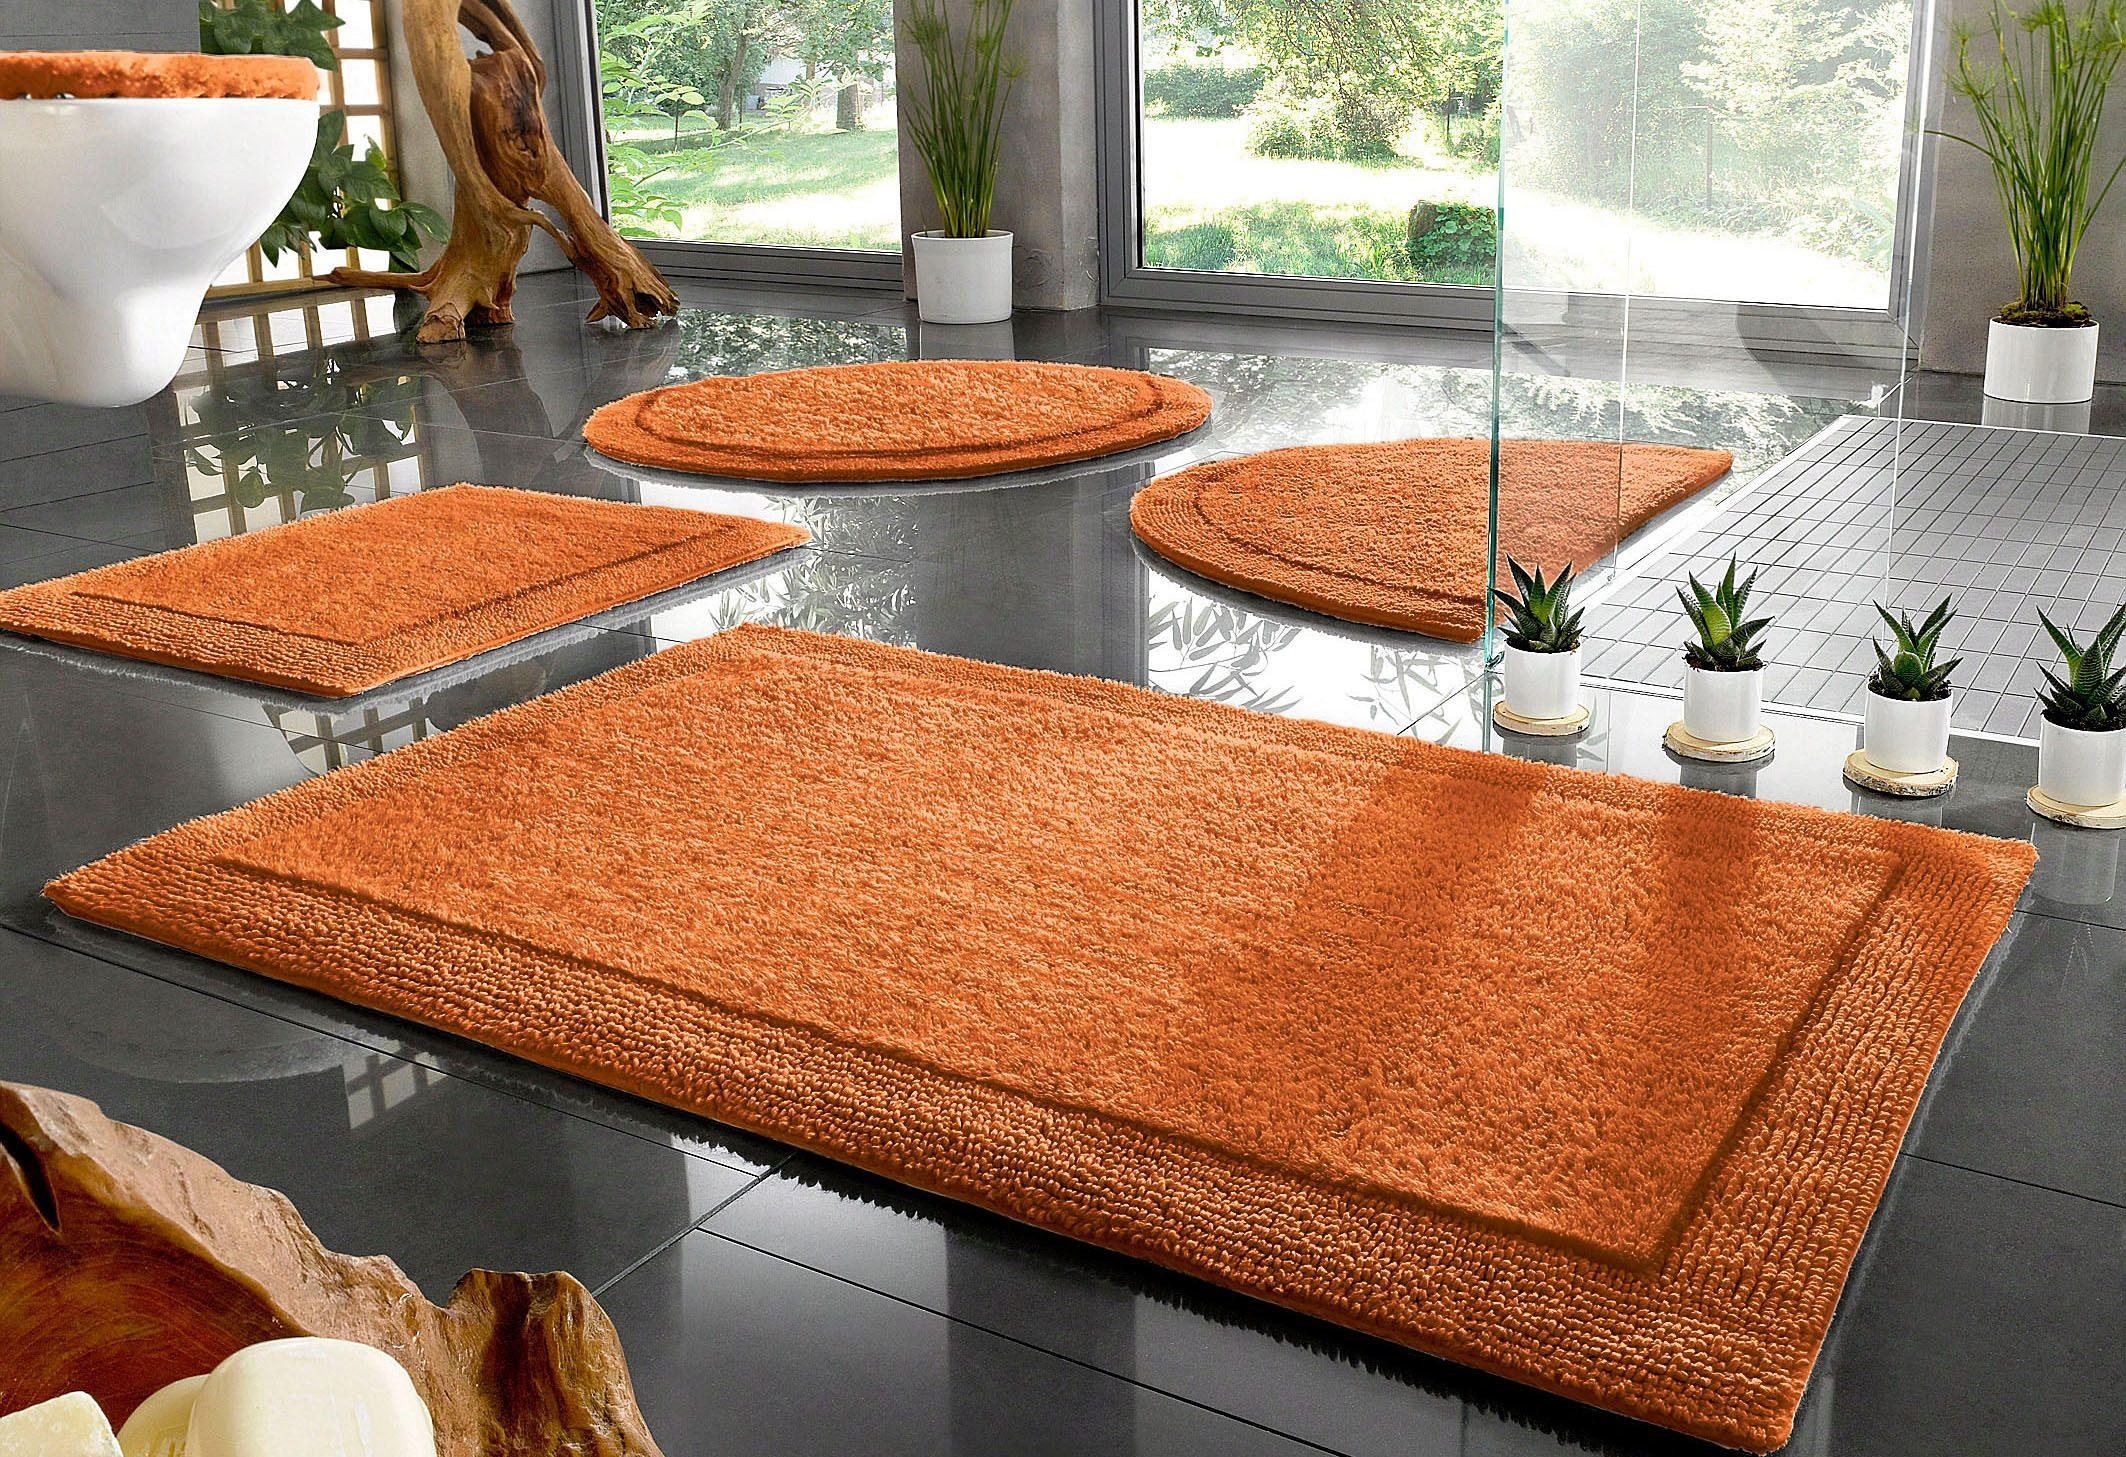 Badematte »Kapra«, Home affaire, Höhe 10 mm, beidseitig nutzbar | Bad > Badgarnituren > Badvorleger | Orange | Baumwolle | HOME AFFAIRE